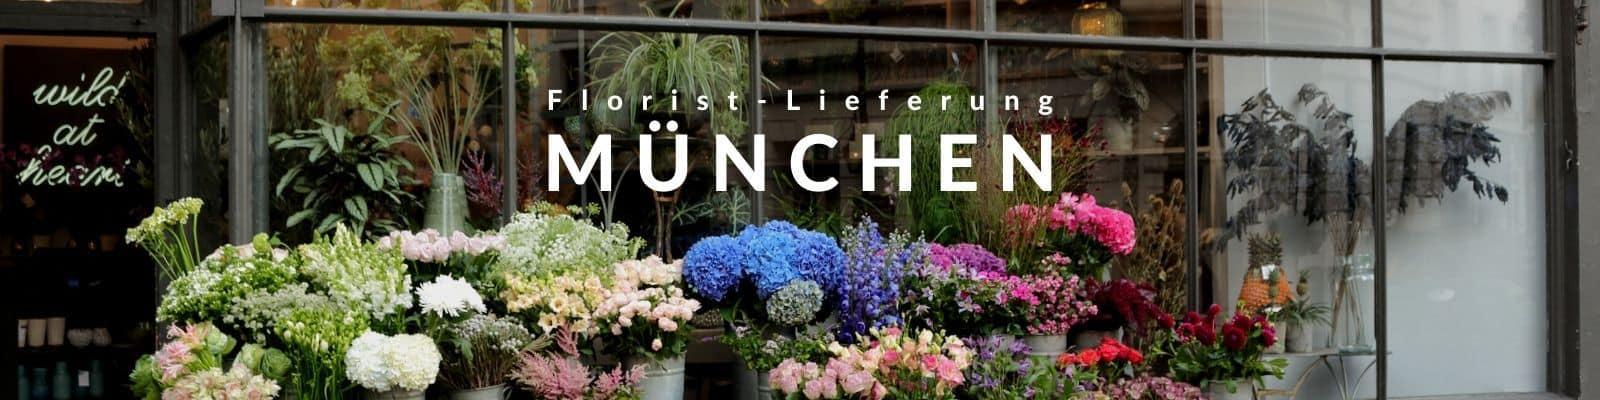 Blumen verschicken München - Blumenversand Express in München